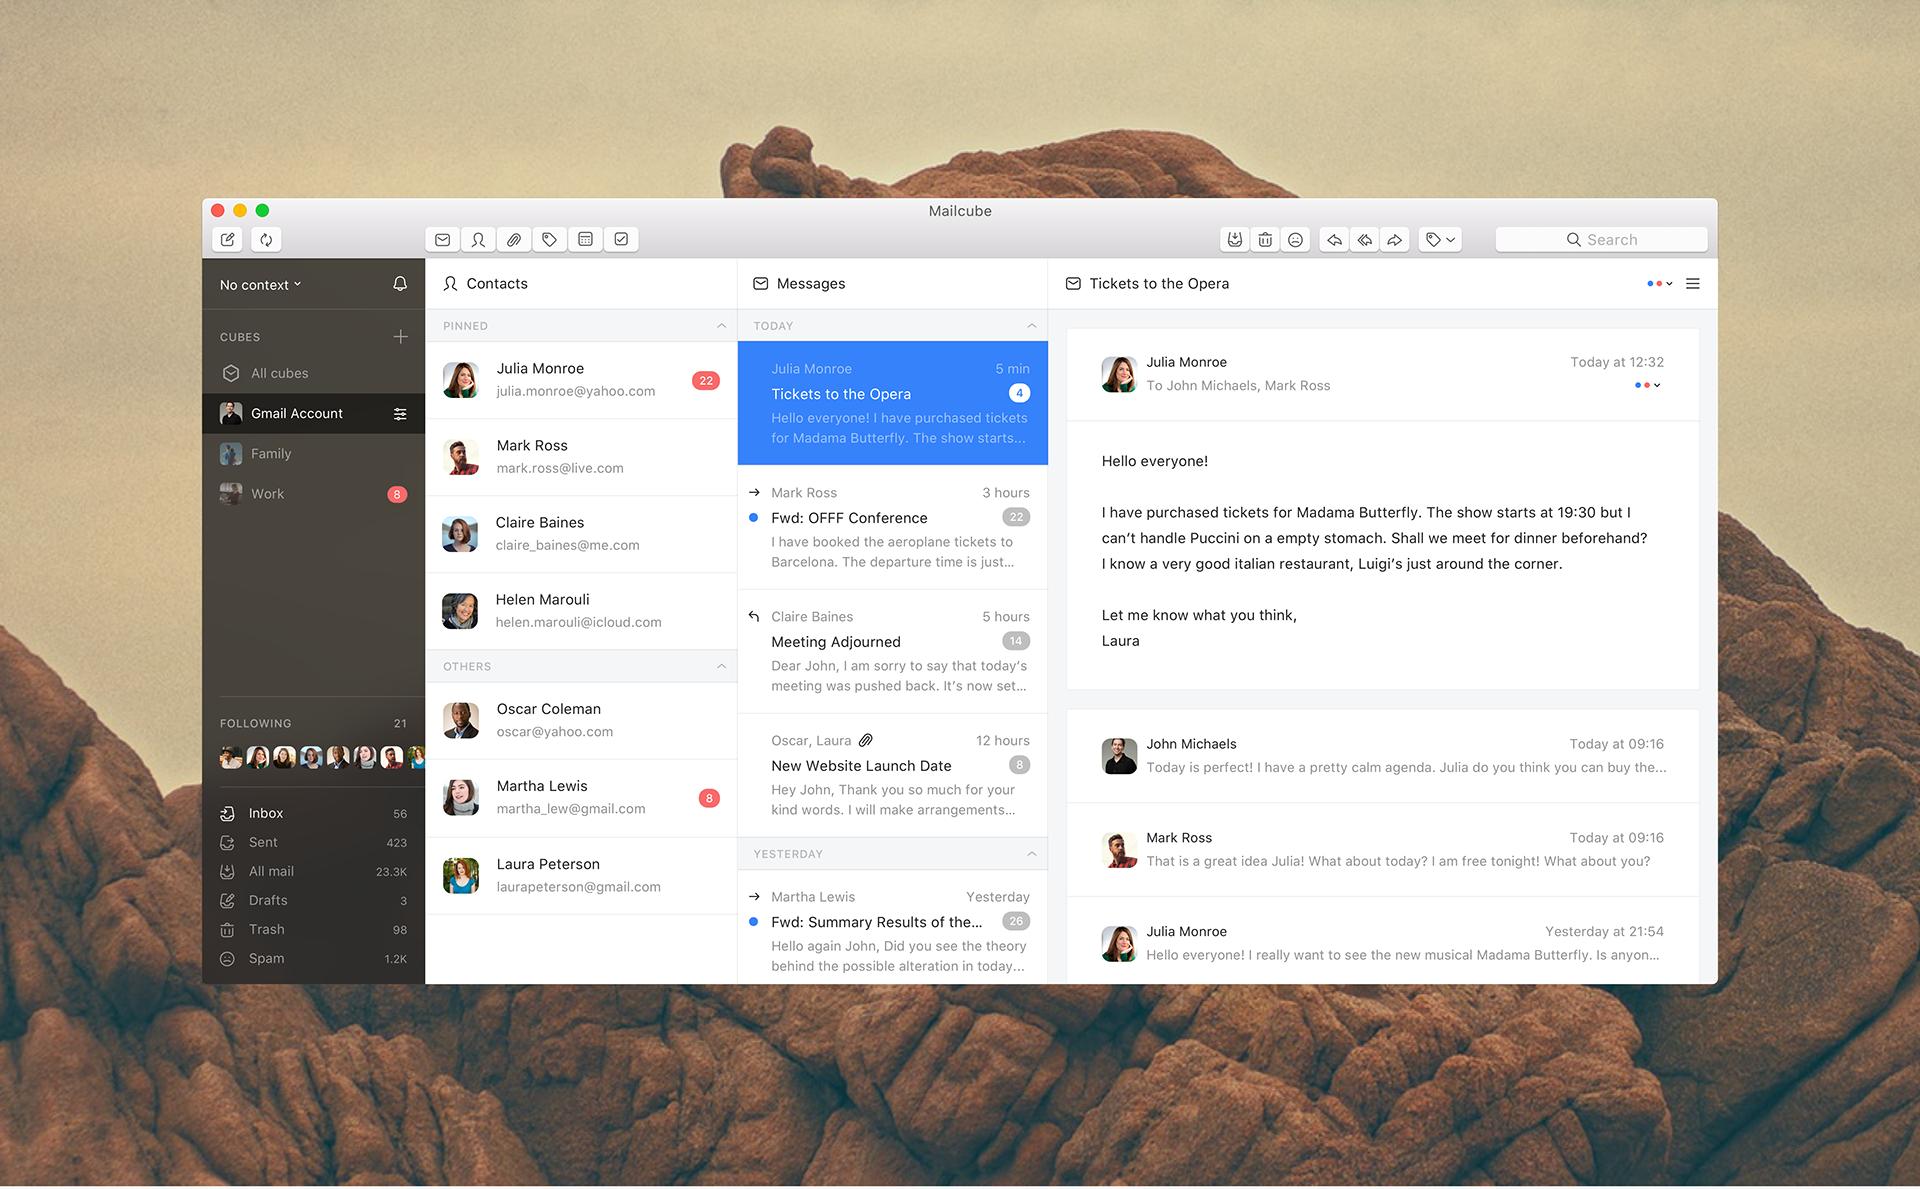 Interaction Design & UI/UX of Mailcube MacOS App